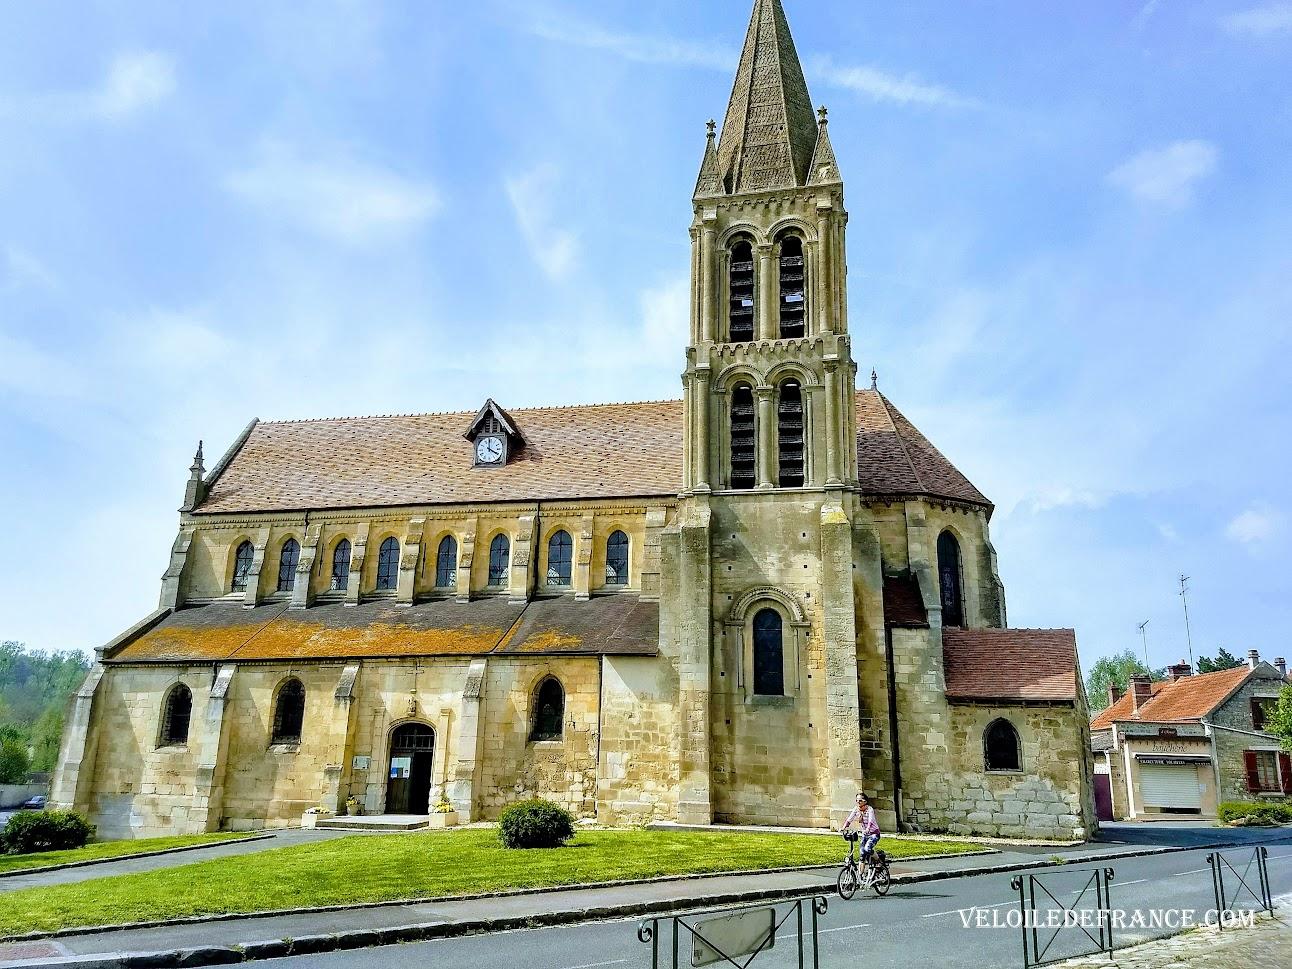 L'église de Livilliers par veloiledefrance.com